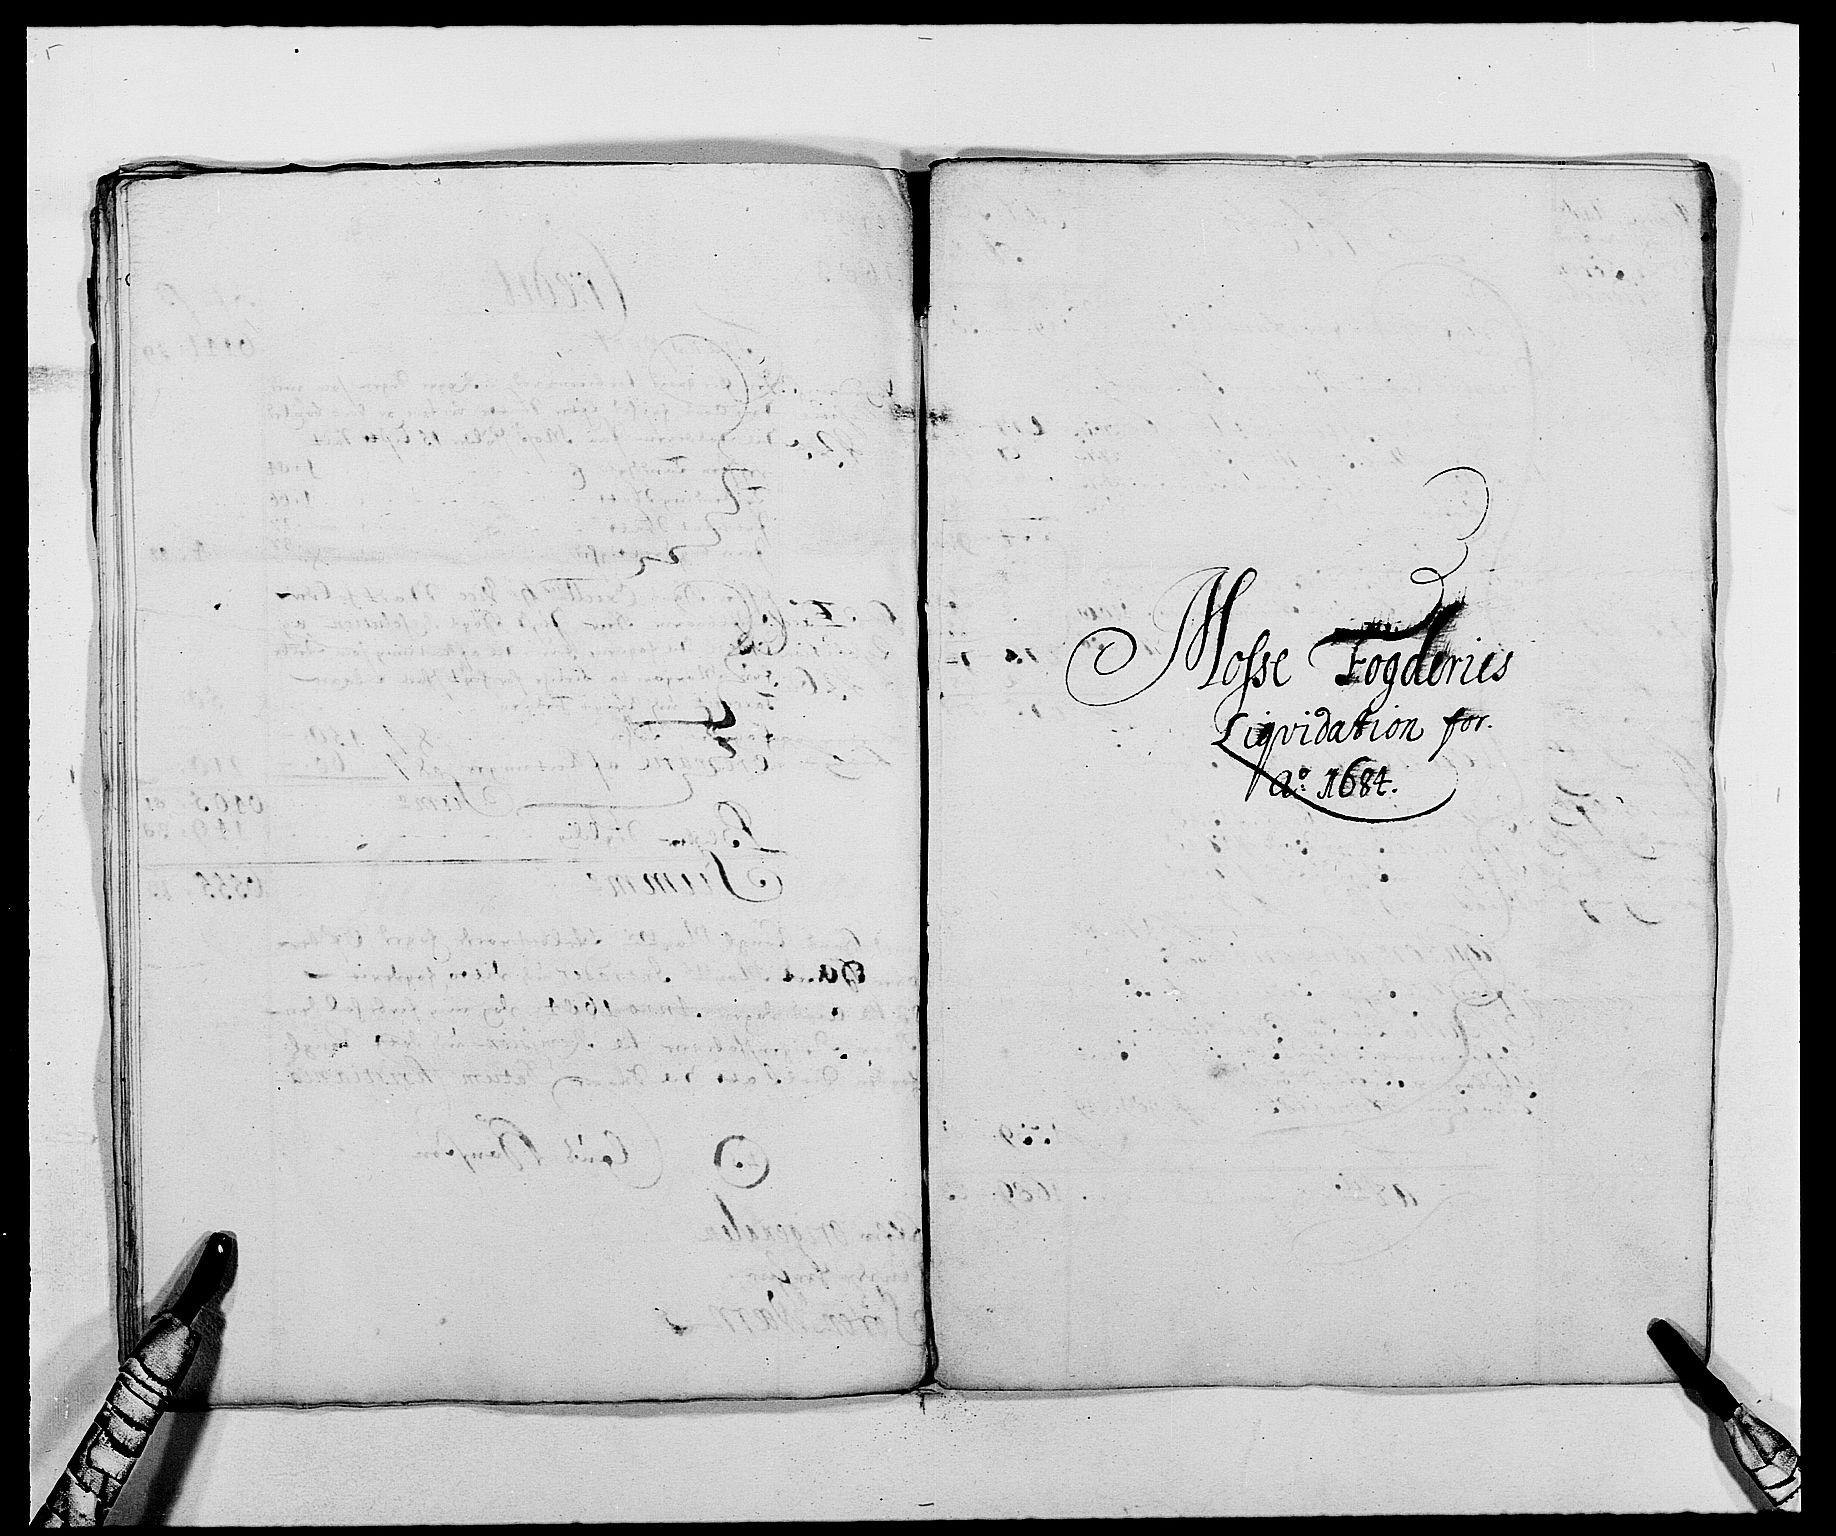 RA, Rentekammeret inntil 1814, Reviderte regnskaper, Fogderegnskap, R02/L0104: Fogderegnskap Moss og Verne kloster, 1682-1684, s. 17